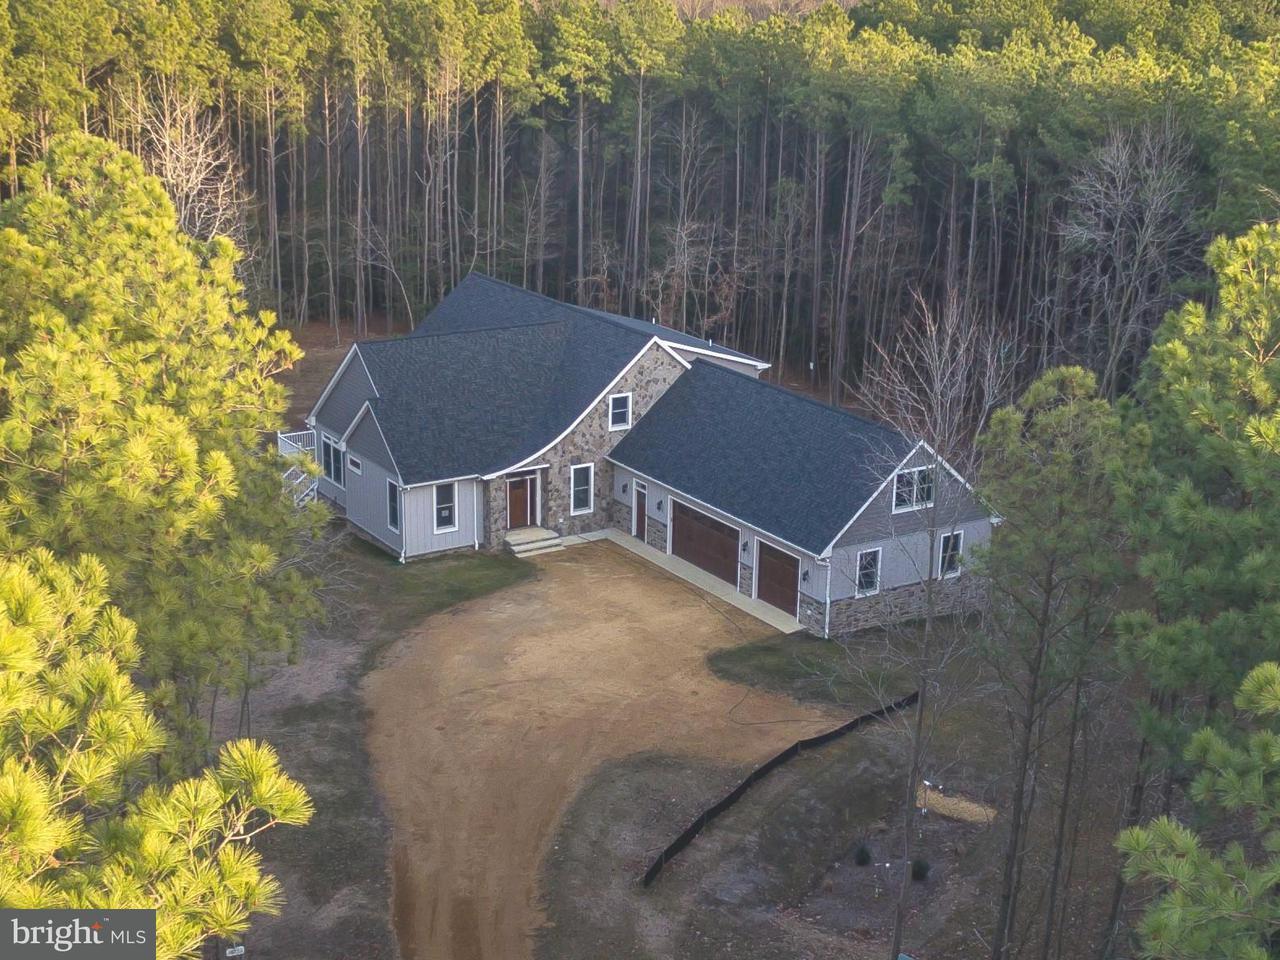 Частный односемейный дом для того Продажа на 18750 Pine View Way 18750 Pine View Way Lexington Park, Мэриленд 20653 Соединенные Штаты